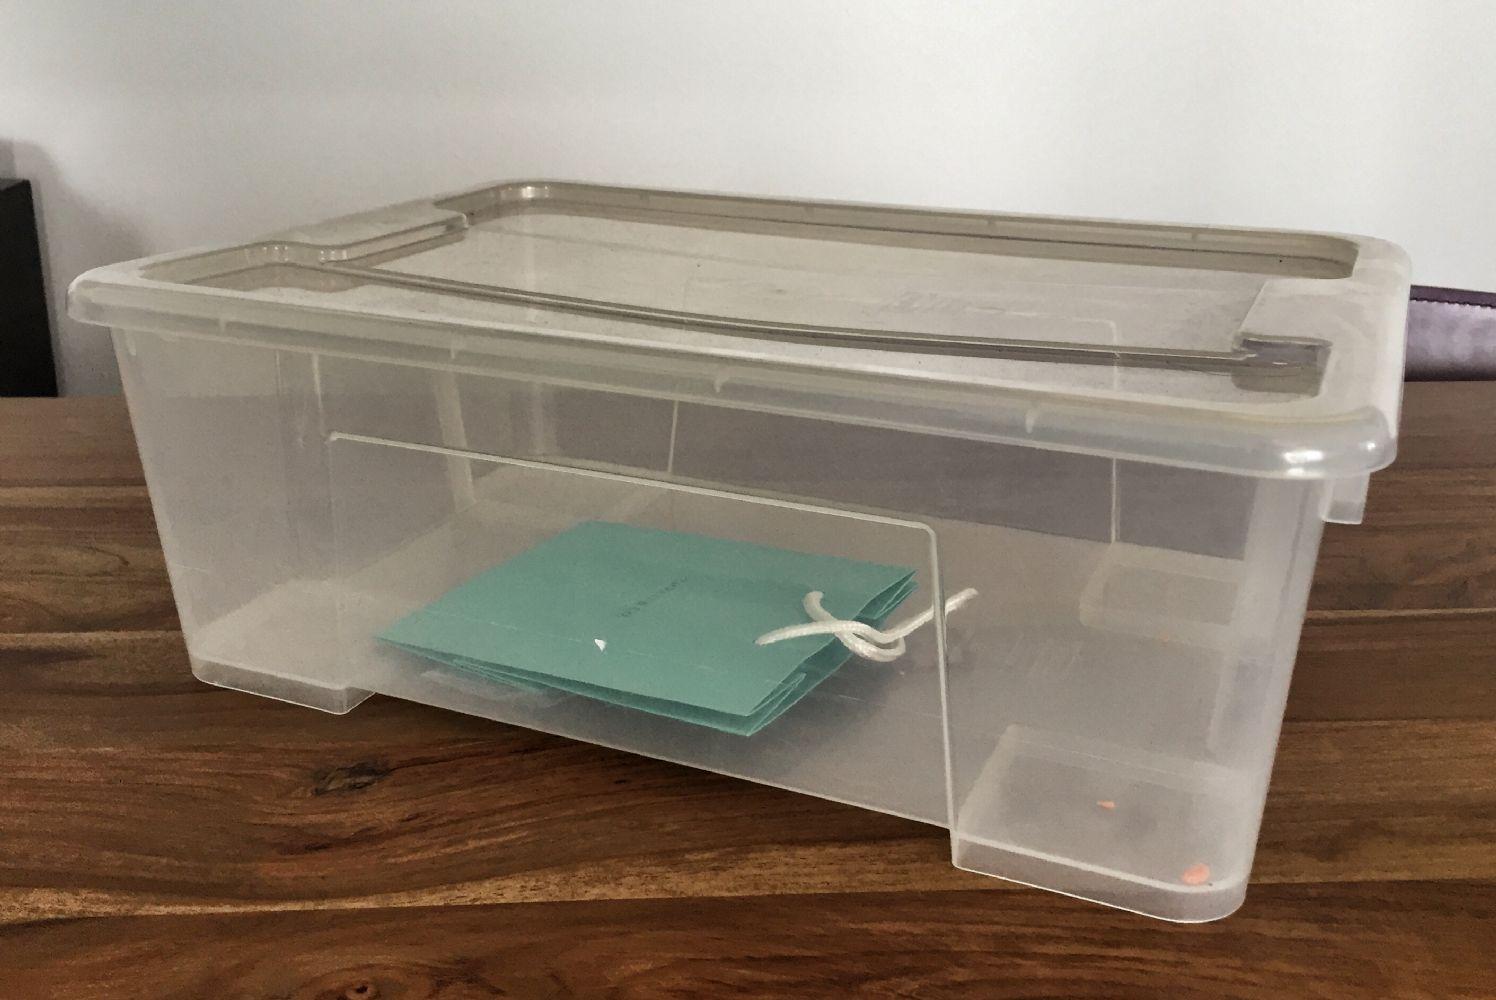 Baratto scambio scatola ikea arredamento complementi d for Ikea complementi d arredo